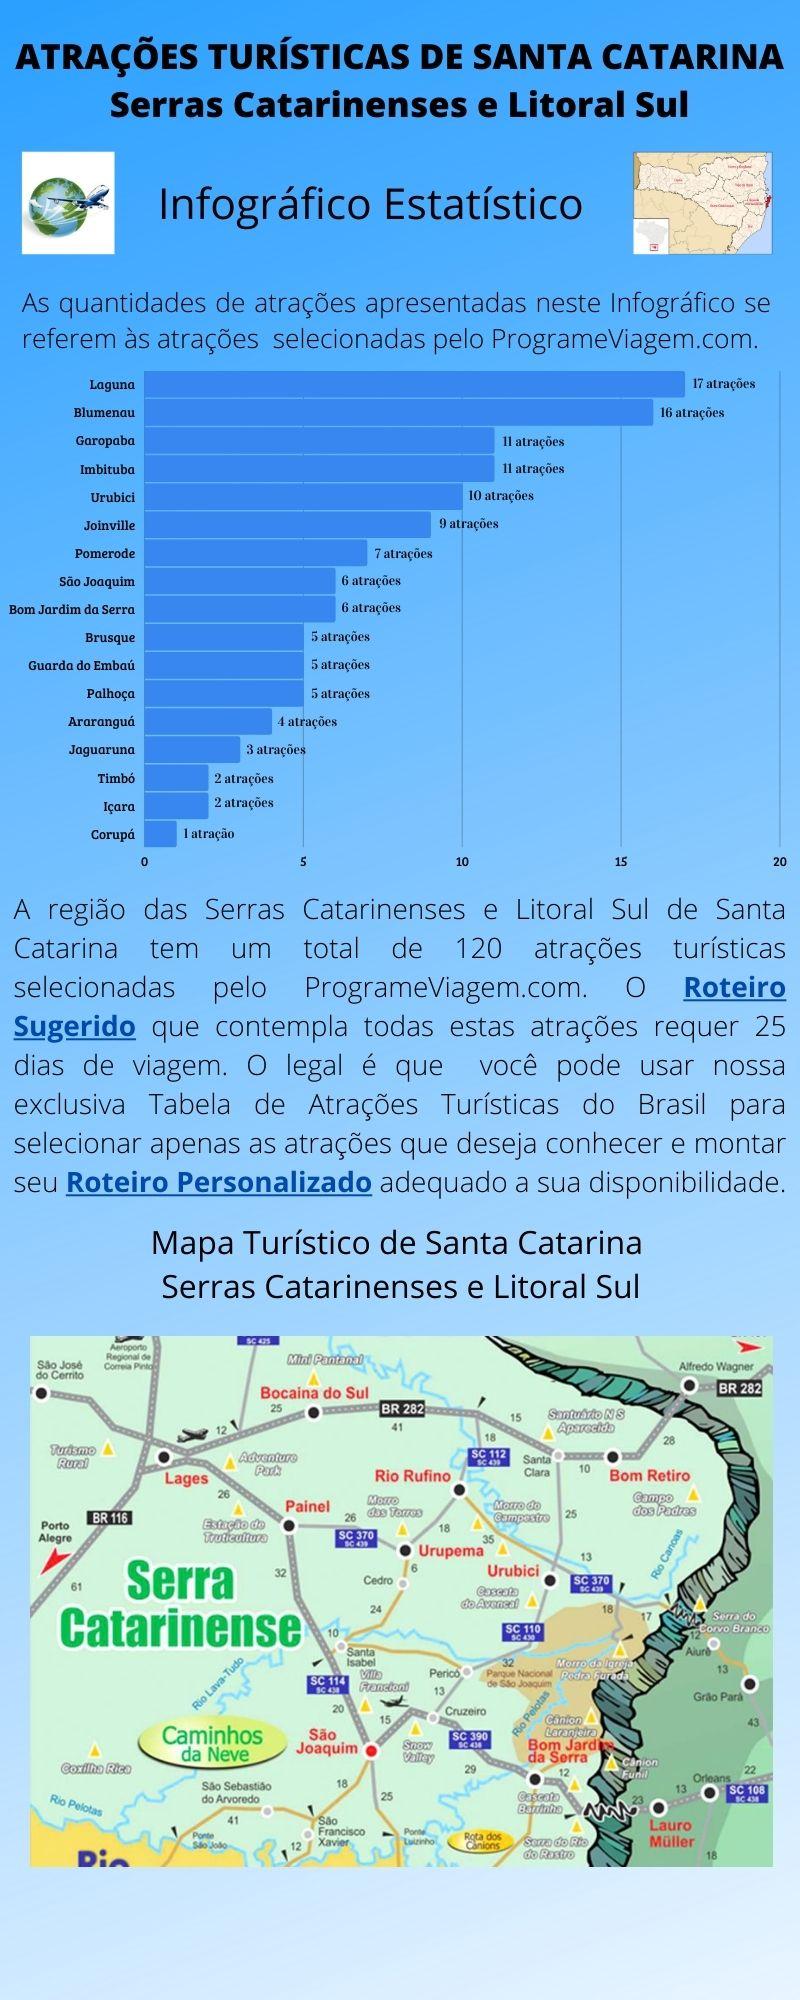 Infográfico Atrações Turísticas de Santa Catarina (Serras Catarinenses e Litoral Sul) 1